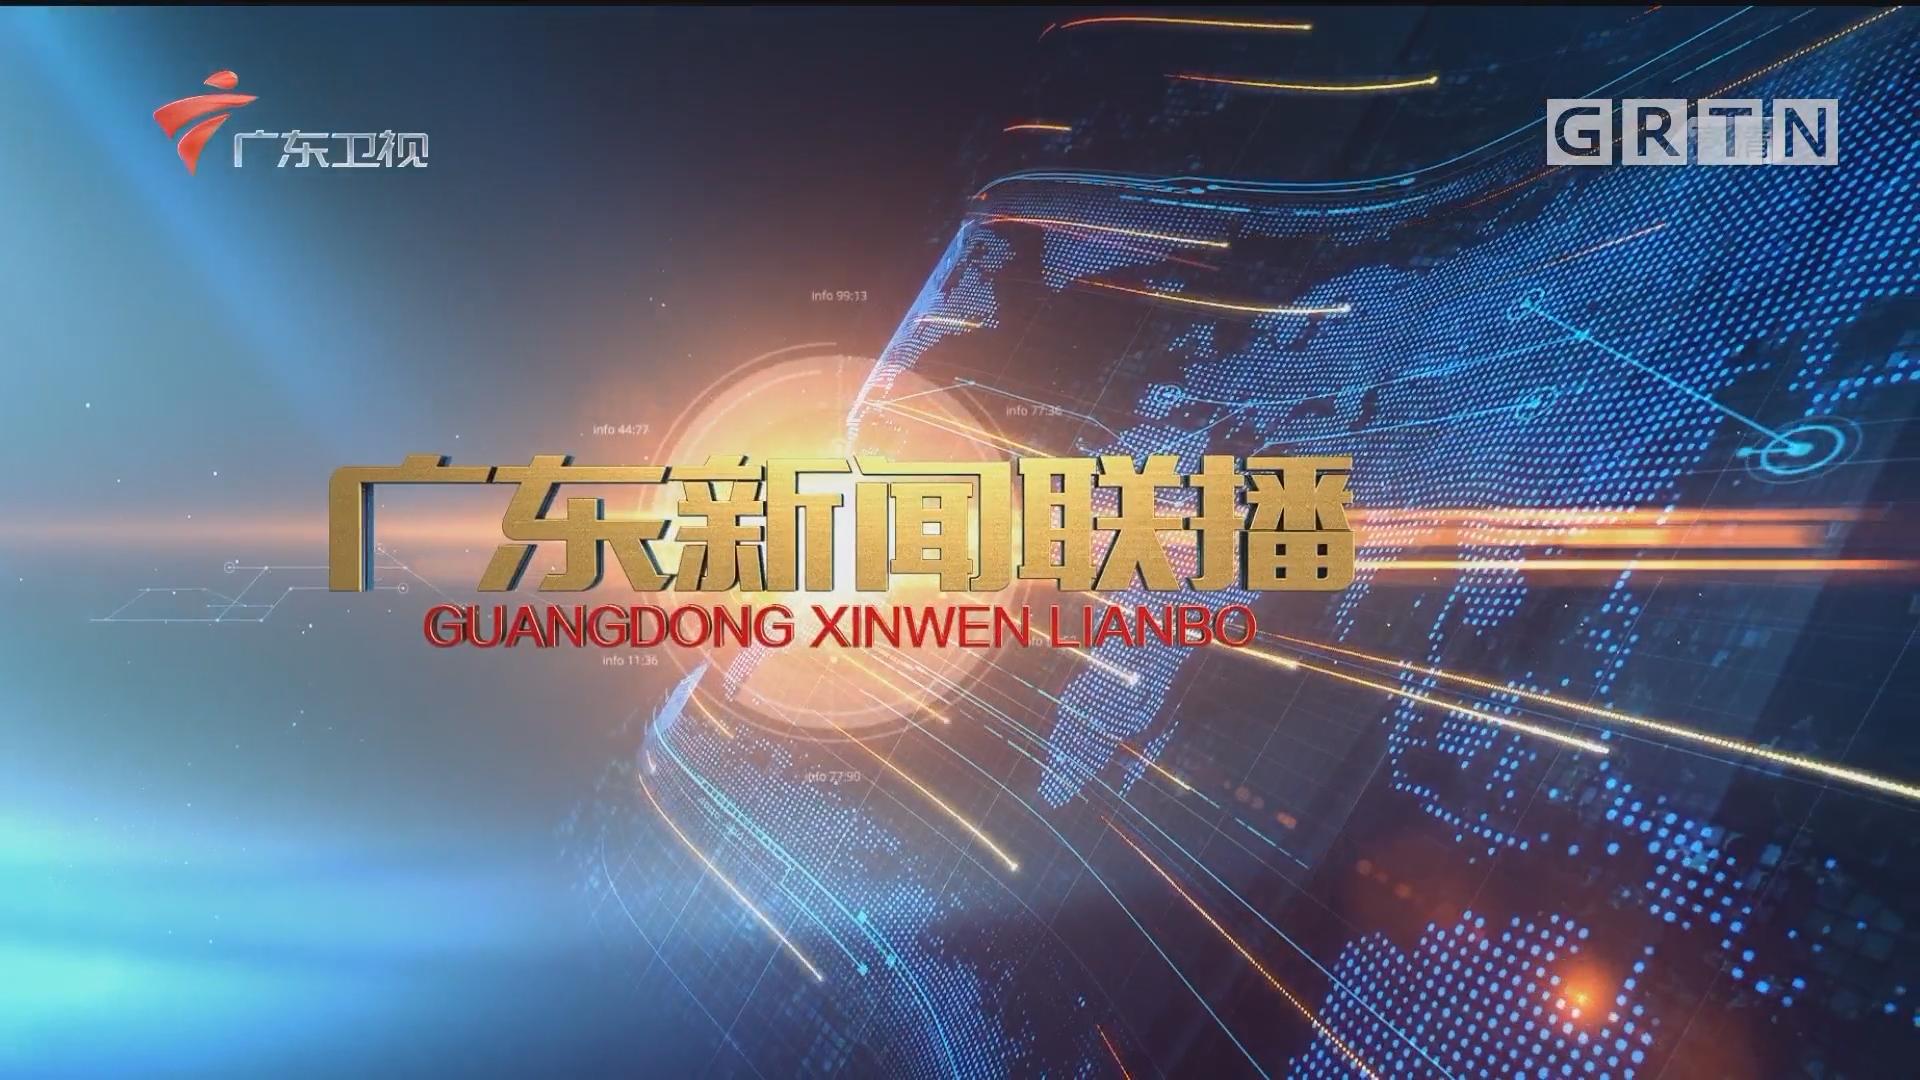 [HD][2018-02-02]广东新闻联播:李希会见韩国驻华大使卢英敏